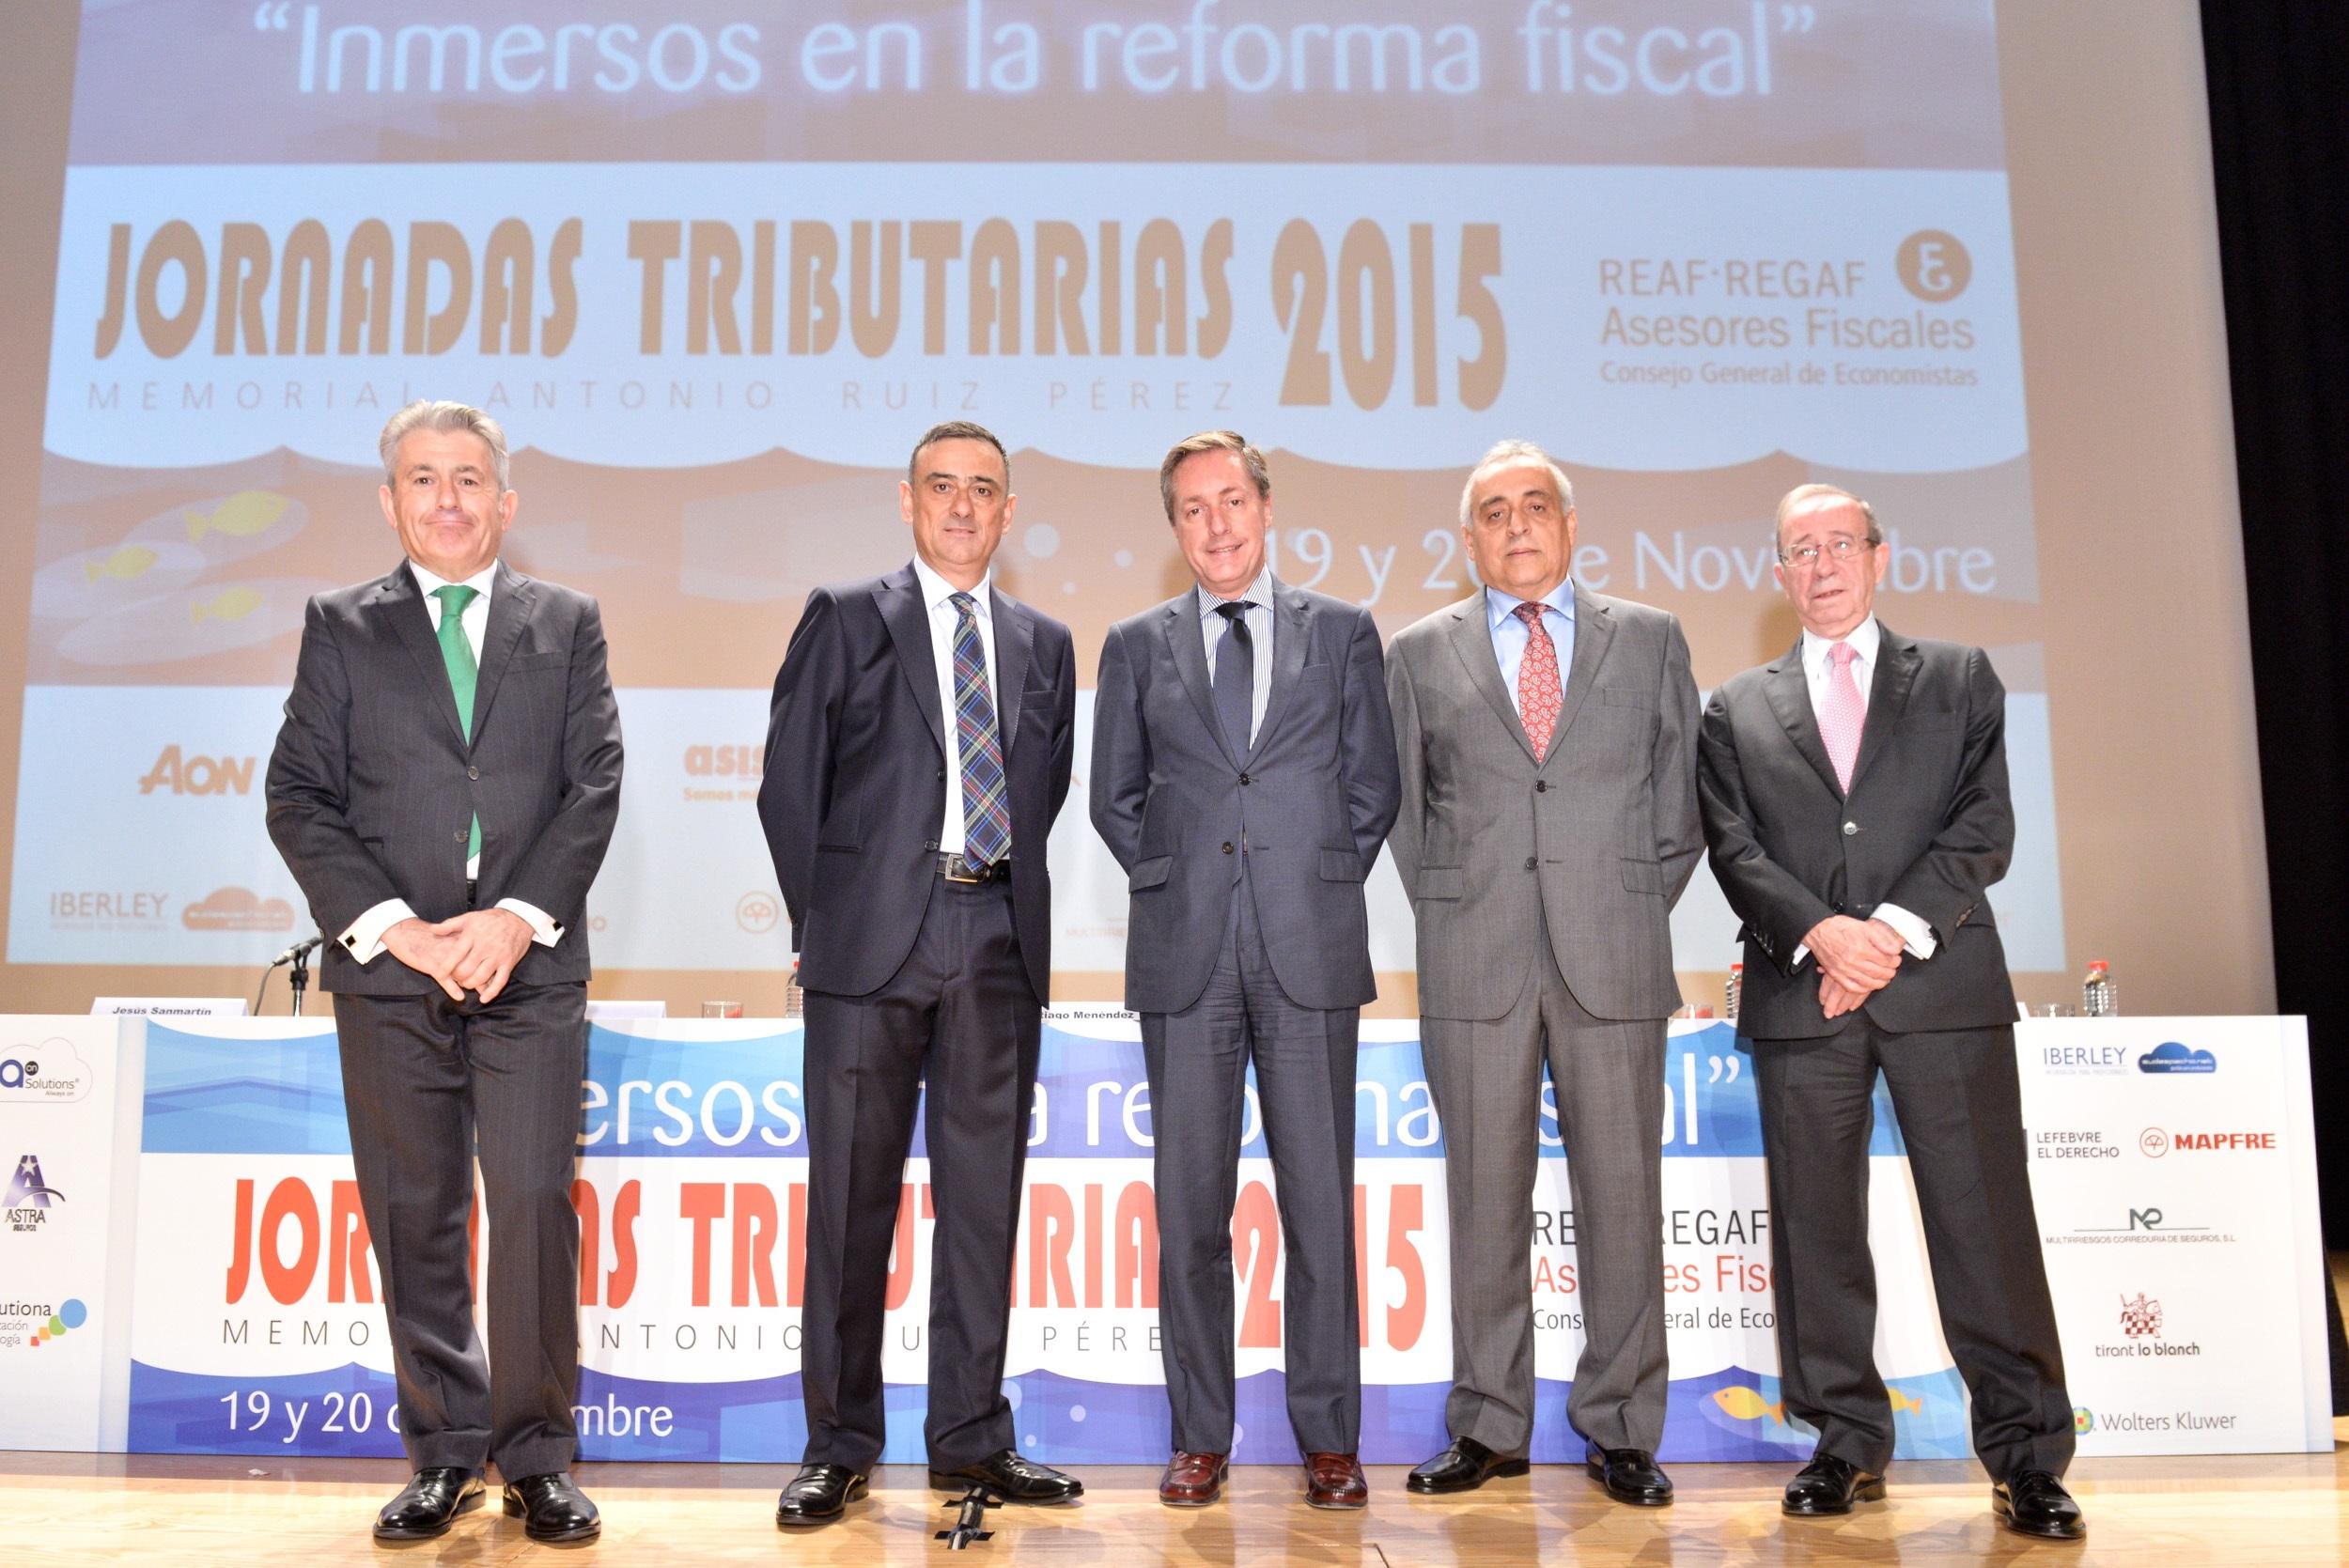 REAF-CGE_2_Jornadas tributarias